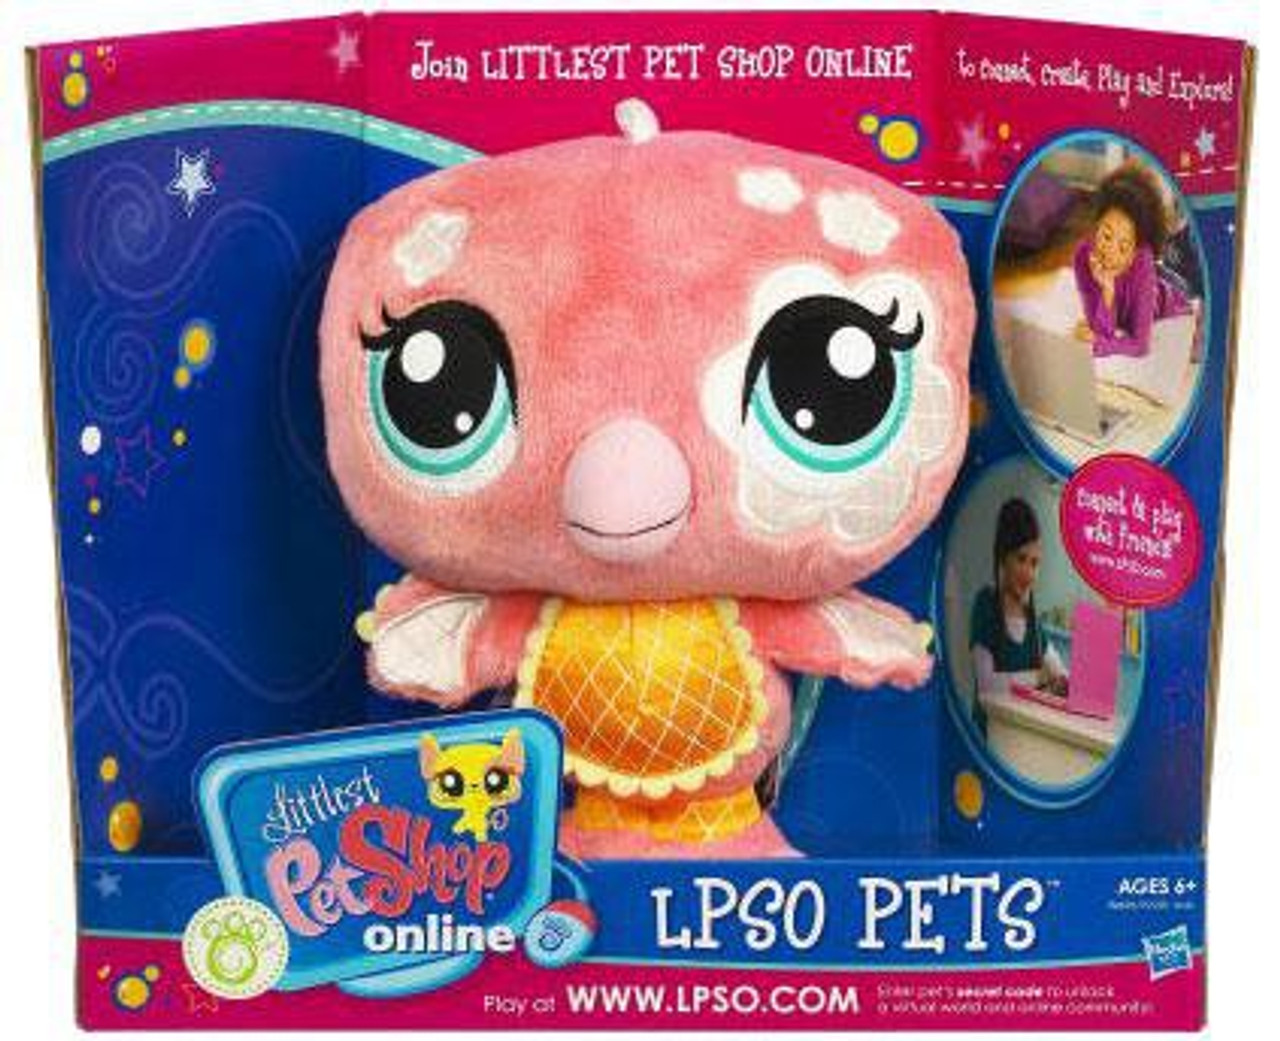 Littlest Pet Shop Online LPSO Pets Flamingo Plush